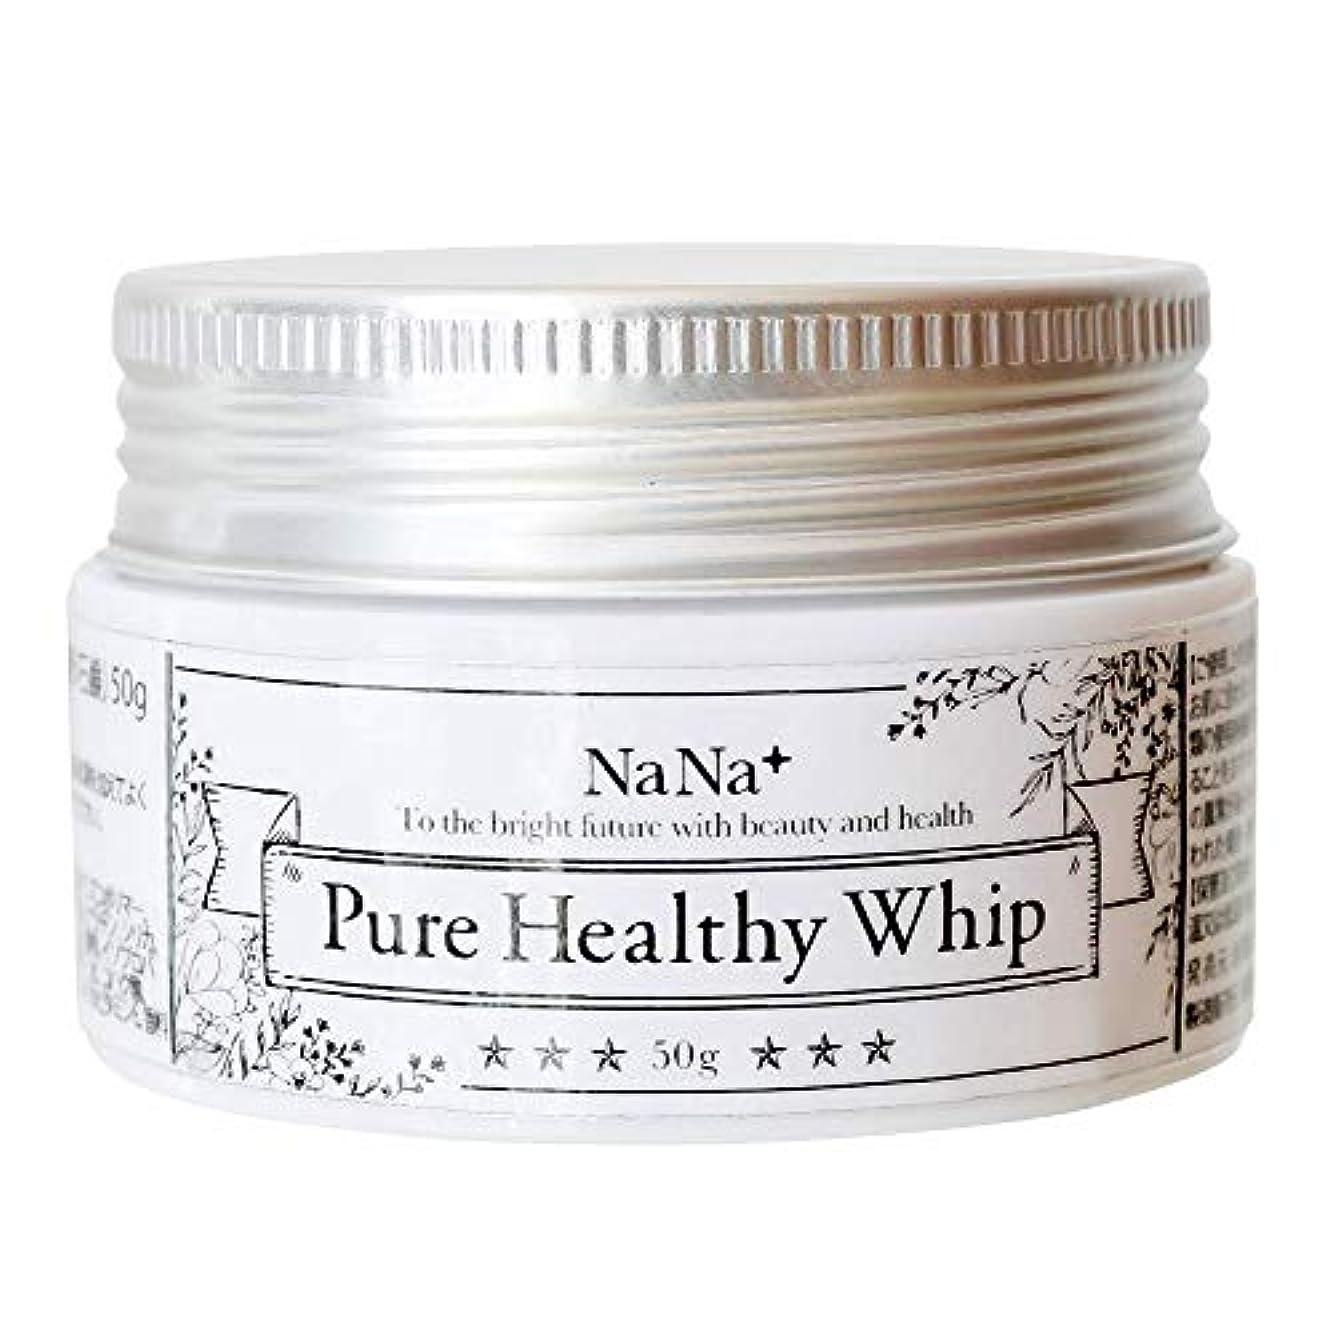 パターン仮定、想定。推測重要性洗顔 生せっけん 敏感肌 乾燥肌 の 毛穴 くすみ 黒ずみ ケア 肌に優しい無添加  nana+ピュアヘルシーホイップ